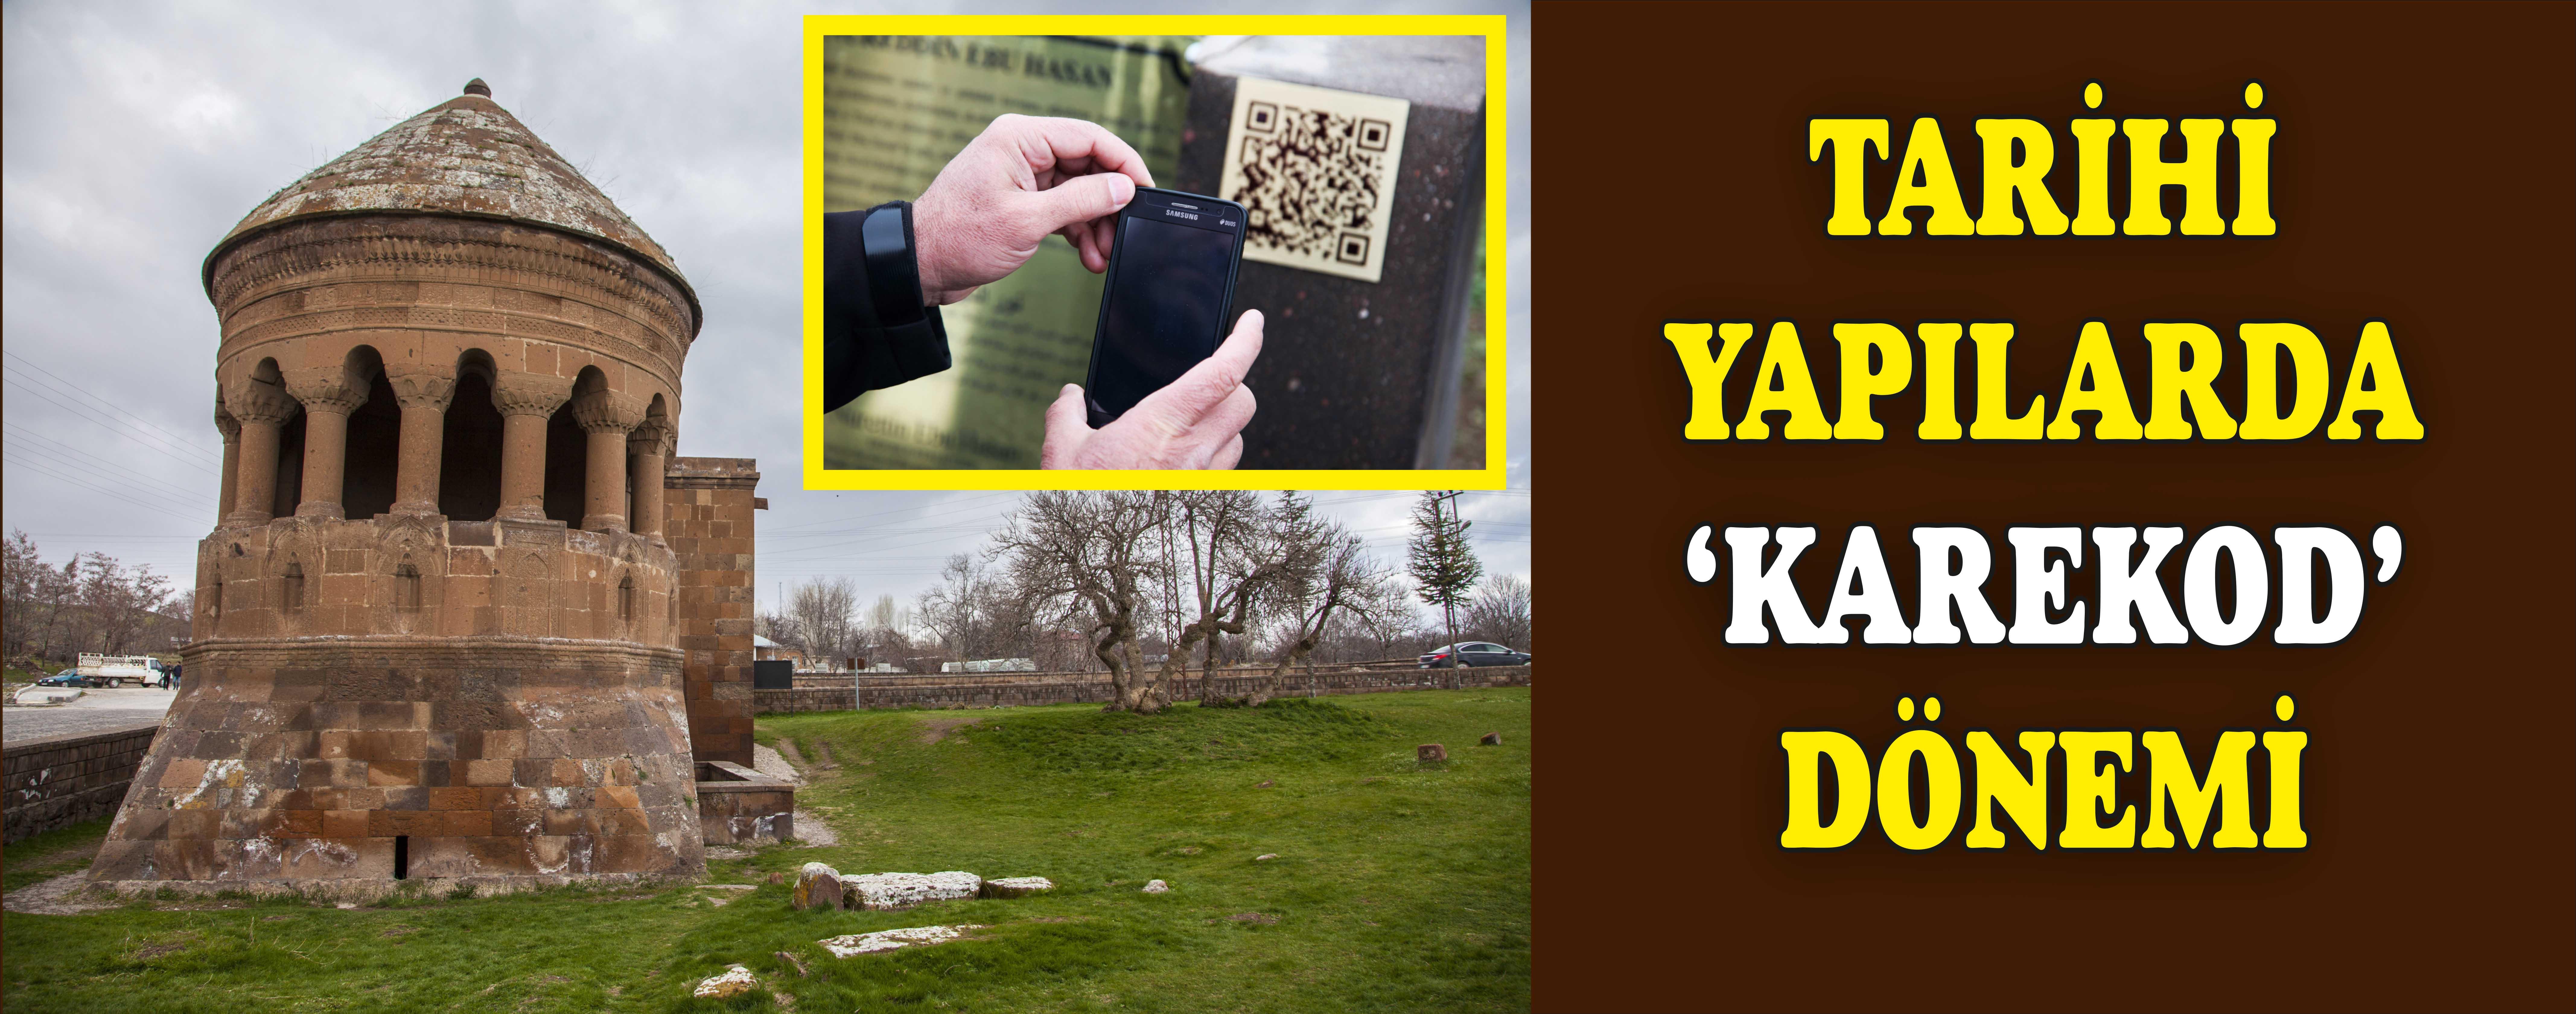 Ahlat'taki tarihi yapılar 'karekod' ile tanıtılıyor